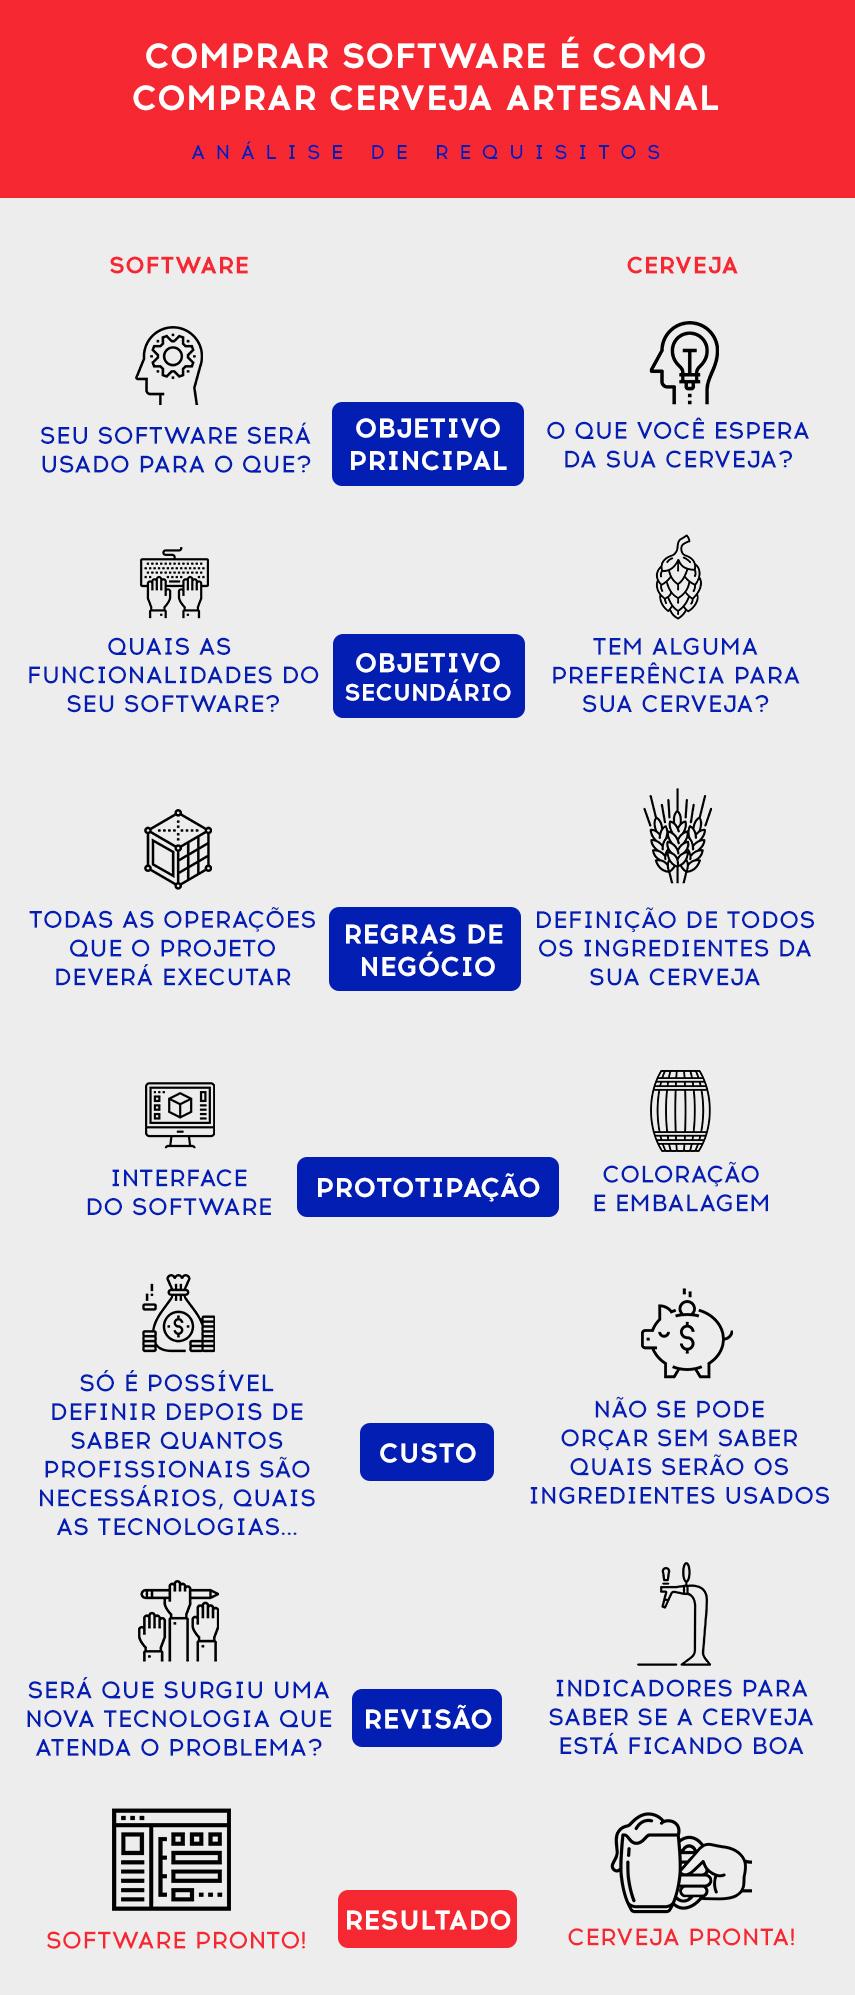 Infográfico comparativo de projetos de desenvolvimento de software e fabricação de cerveja